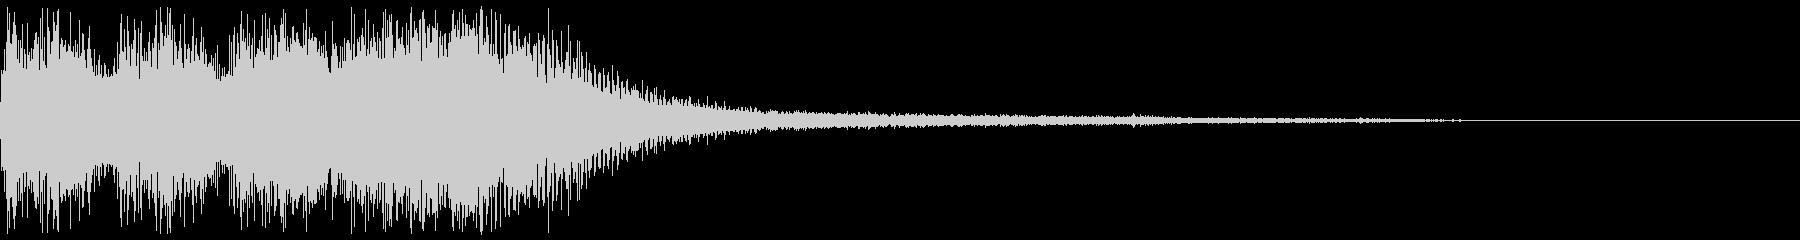 エラー音 飛んでぶつかる金属音の未再生の波形